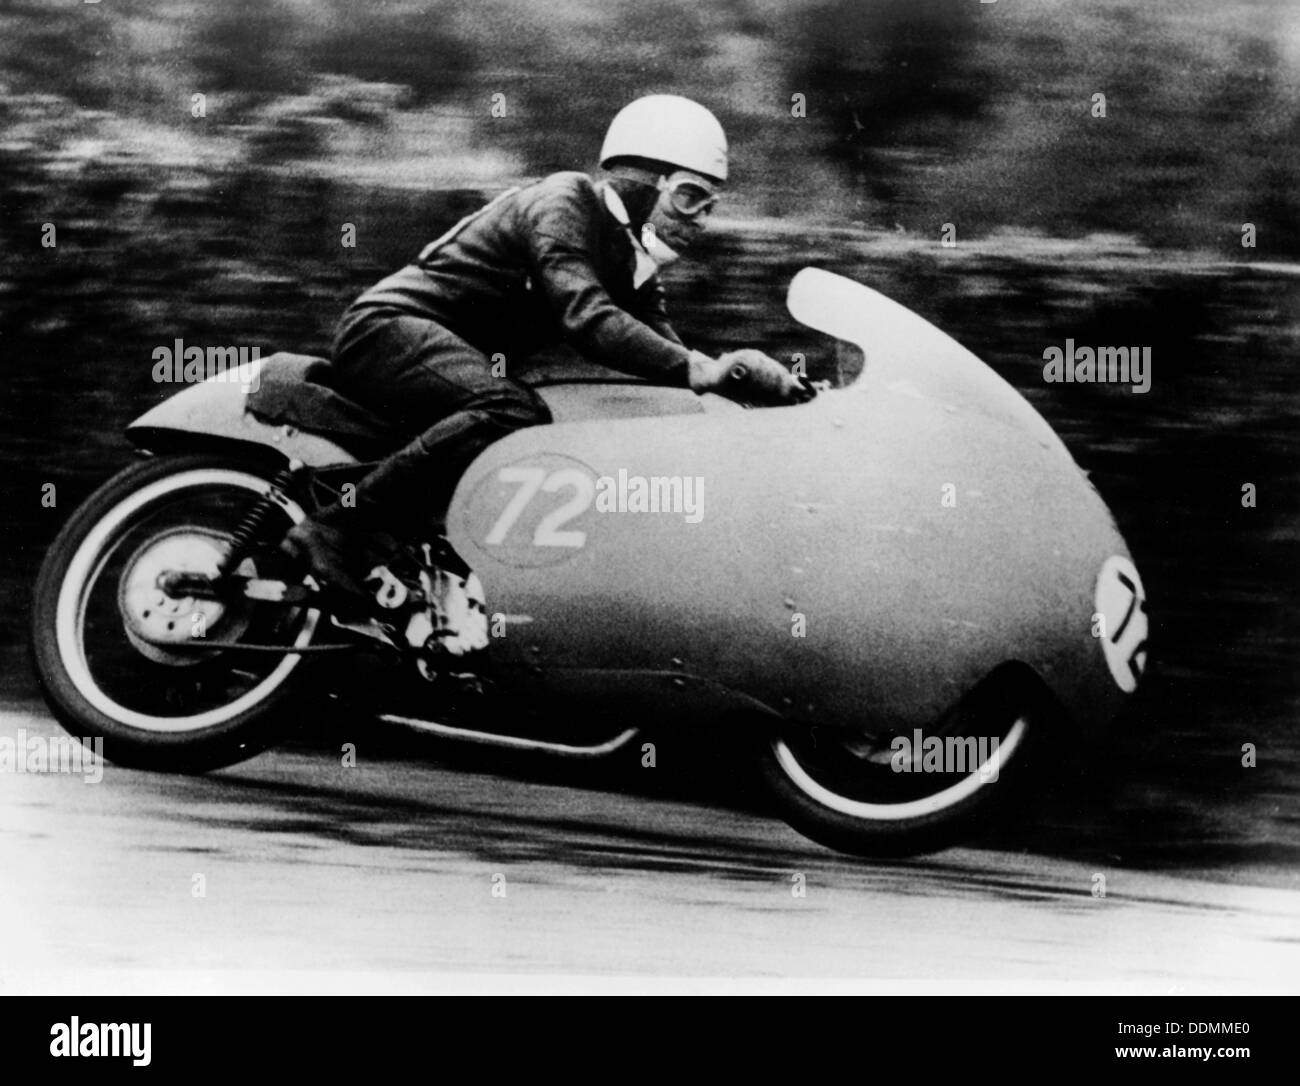 Possibly Bill Lomas, on a Moto Guzzi V8, 1957. - Stock Image